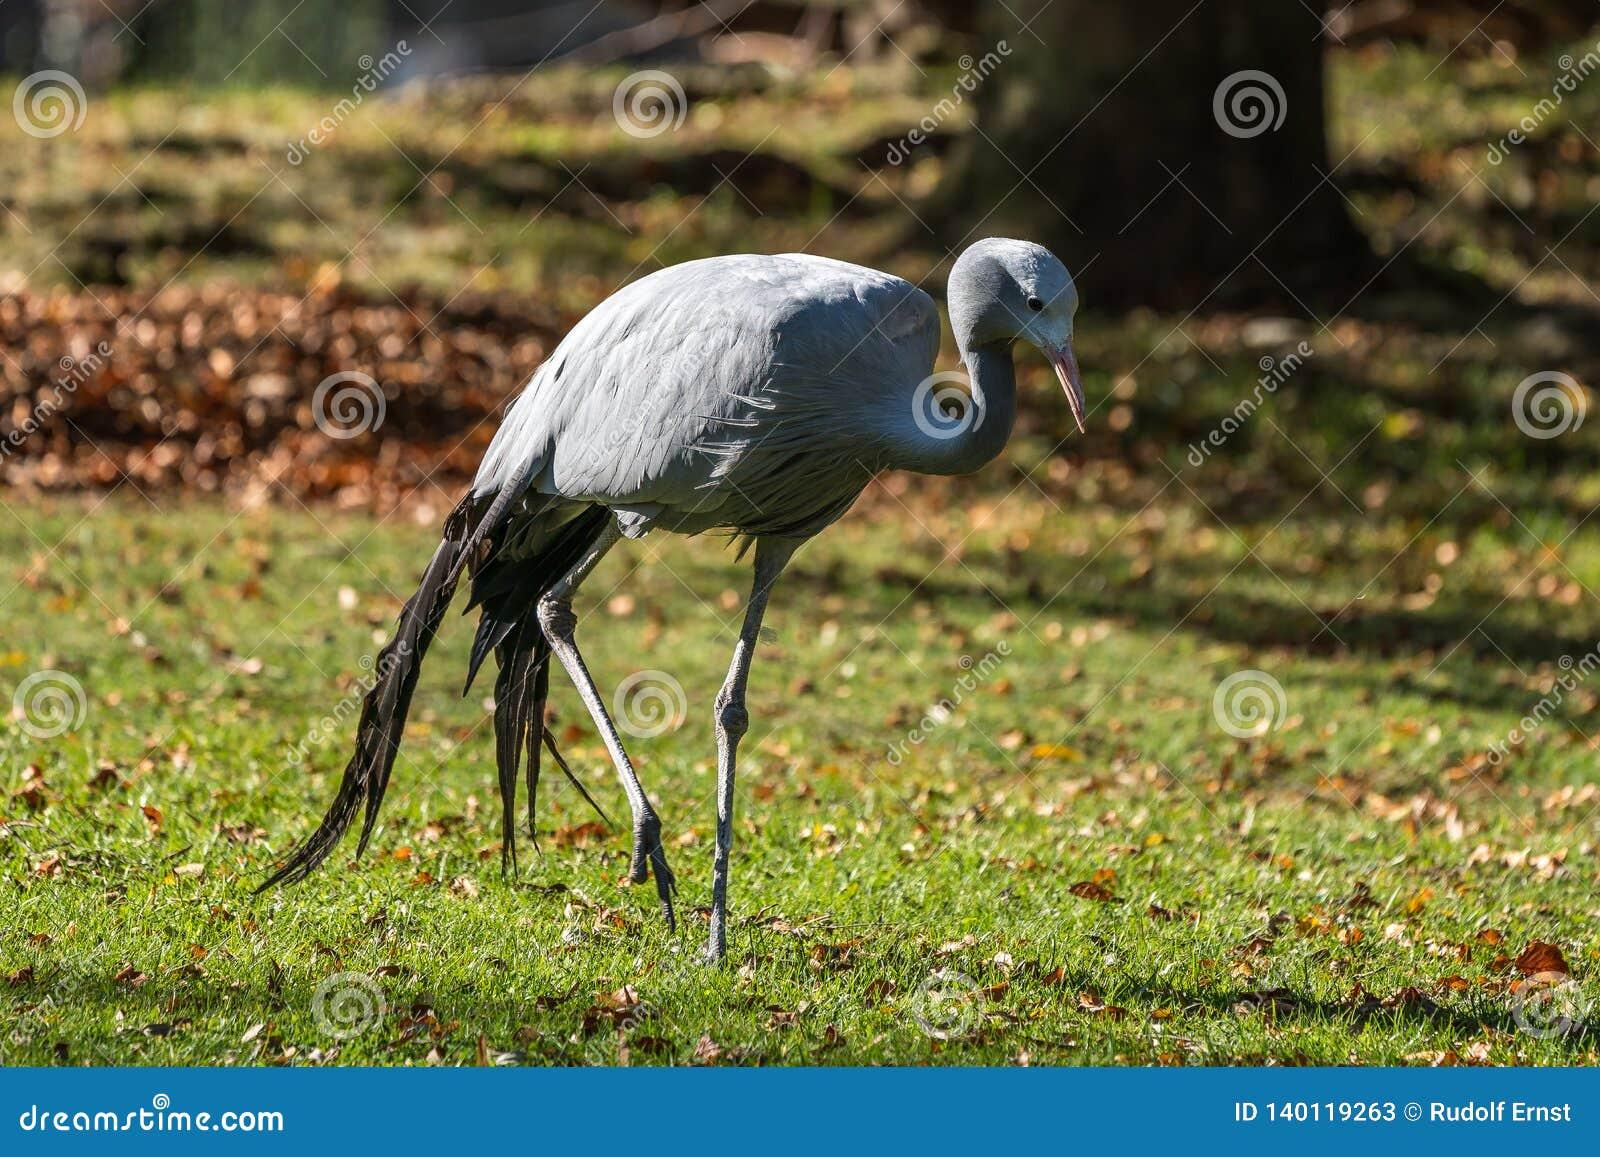 De Blauwe Kraan, Grus-paradisea, is een bedreigde vogel